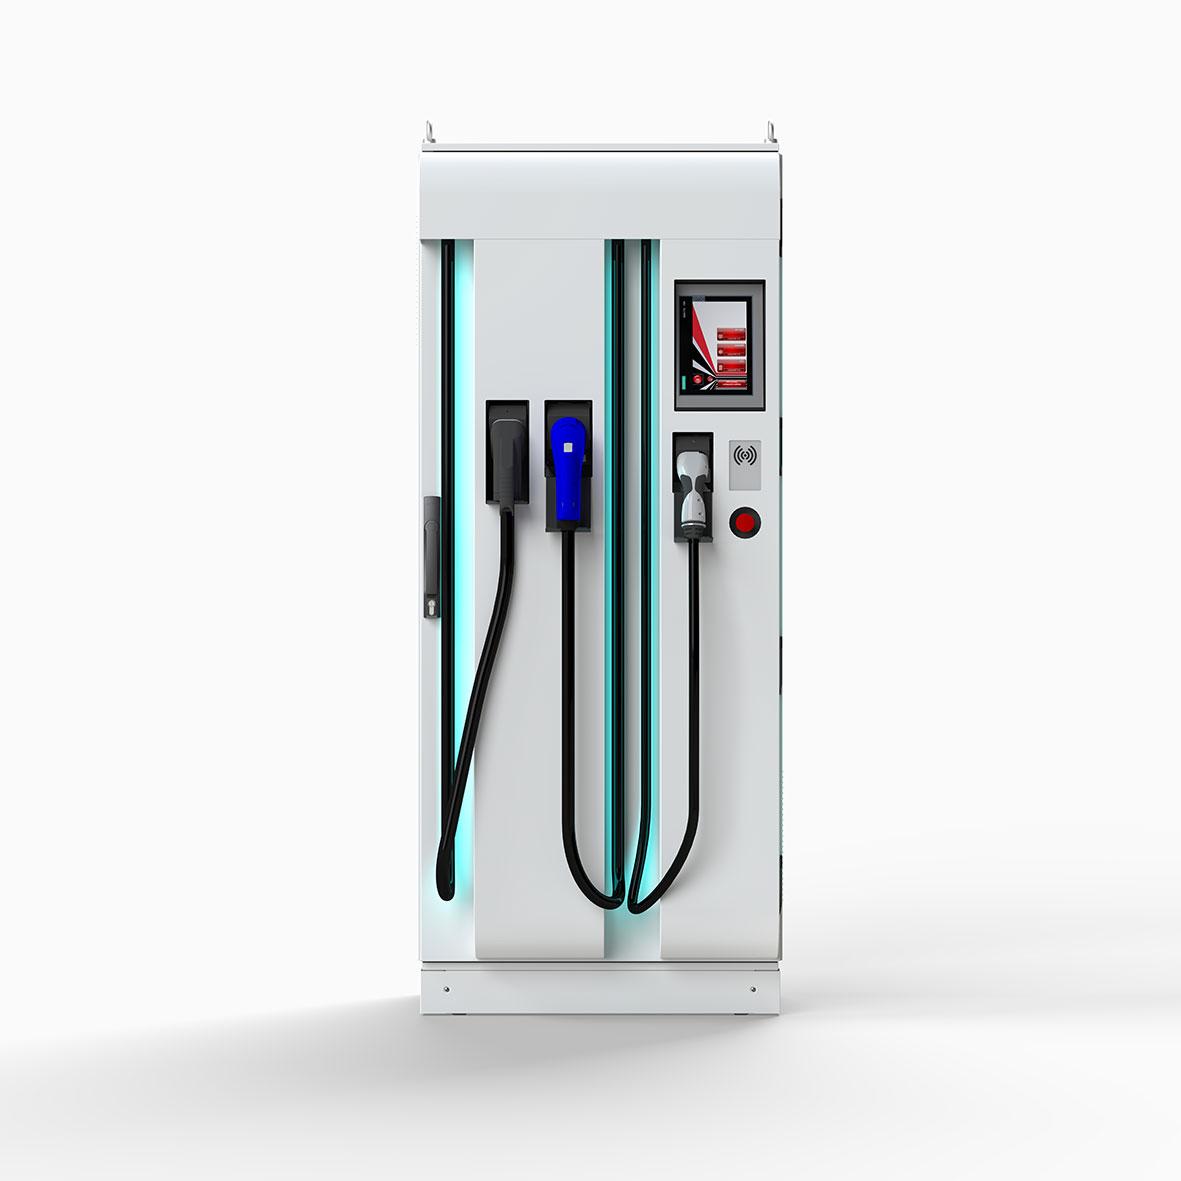 Aufgrund der hohen Ladeleistung von 50kW eignet sich der Siemens Compact Power Charger für stark frequentierte Standorte und für den Fernverkehr. Innerhalb von 20 Minuten werden Fahrzeugbatterien, die auch über die entsprechende Kapazität verfügen, auf bis zu 80% geladen. Die Ladestationen sind mit den internationalen Ladestandards CCS (Combined Charging System), CHAdeMO sowie dem international verwendeten Typ 2 Standard für das Laden mit Wechselstrom ausgerüstet. ©Kostad_Steuerungsbau